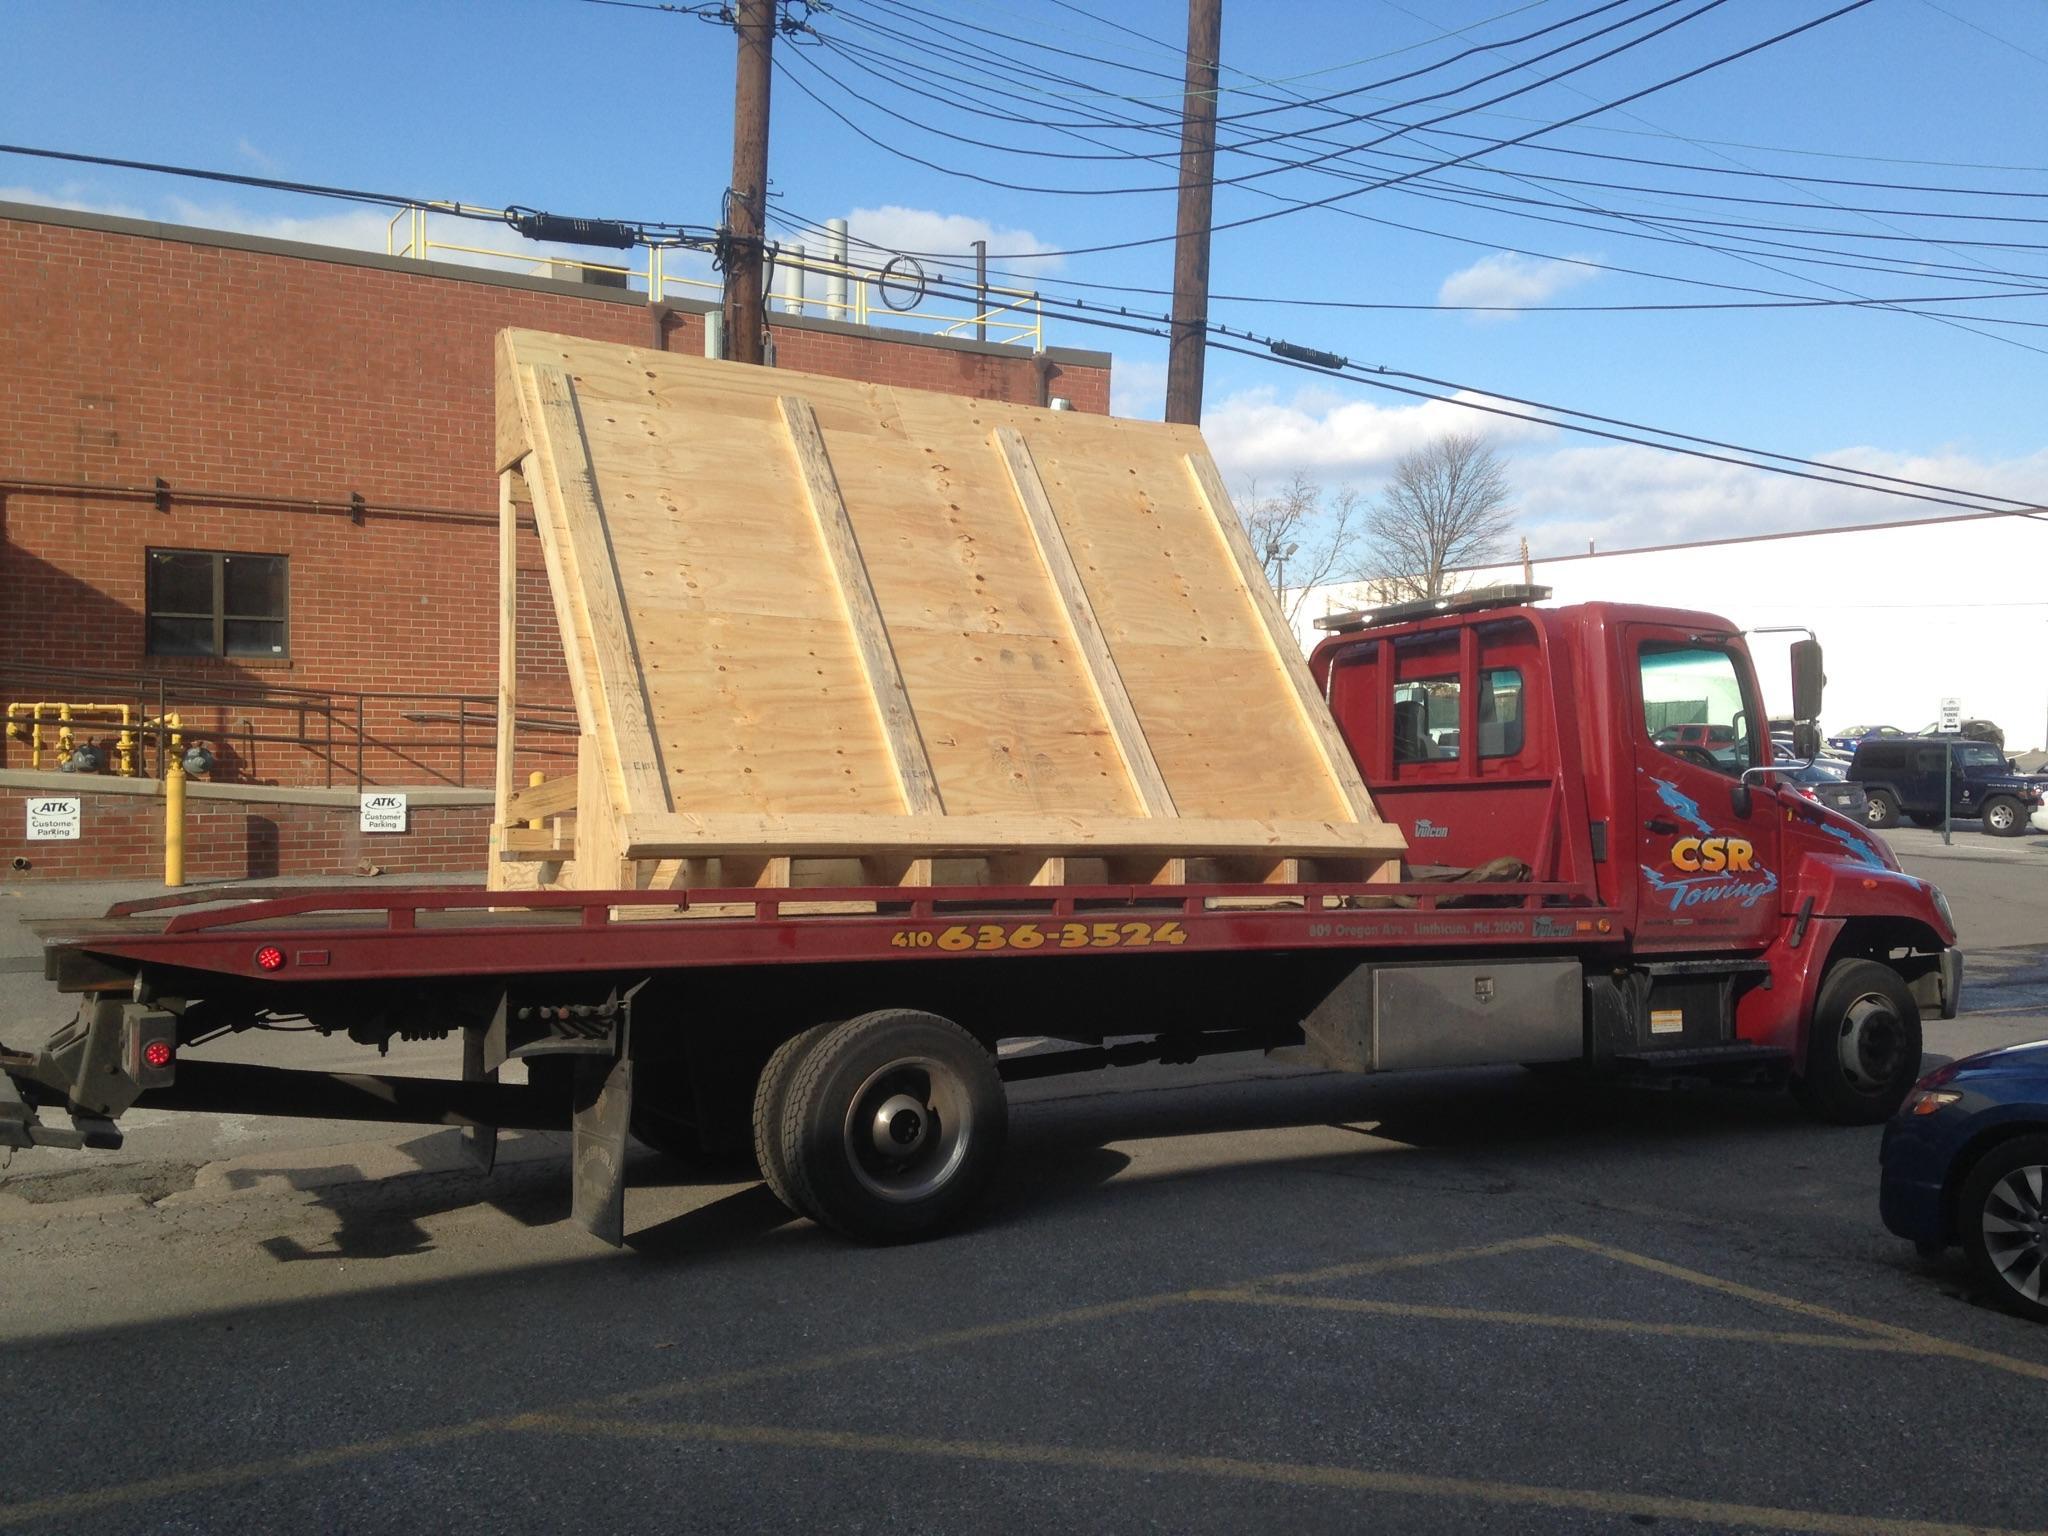 CSR Towing of Baltimore image 7